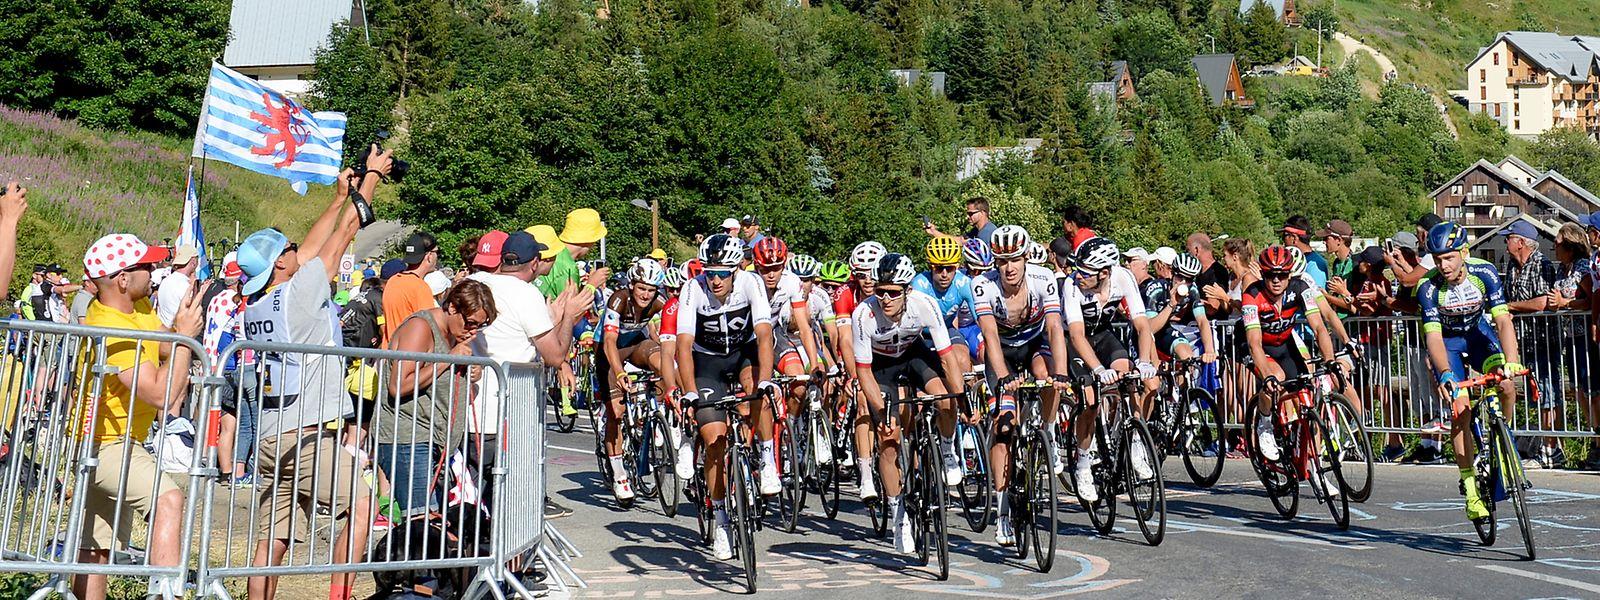 Das Peloton muss im kommenden Sommer bei der Tour de France hinauf nach l'Alpe d'Huez.